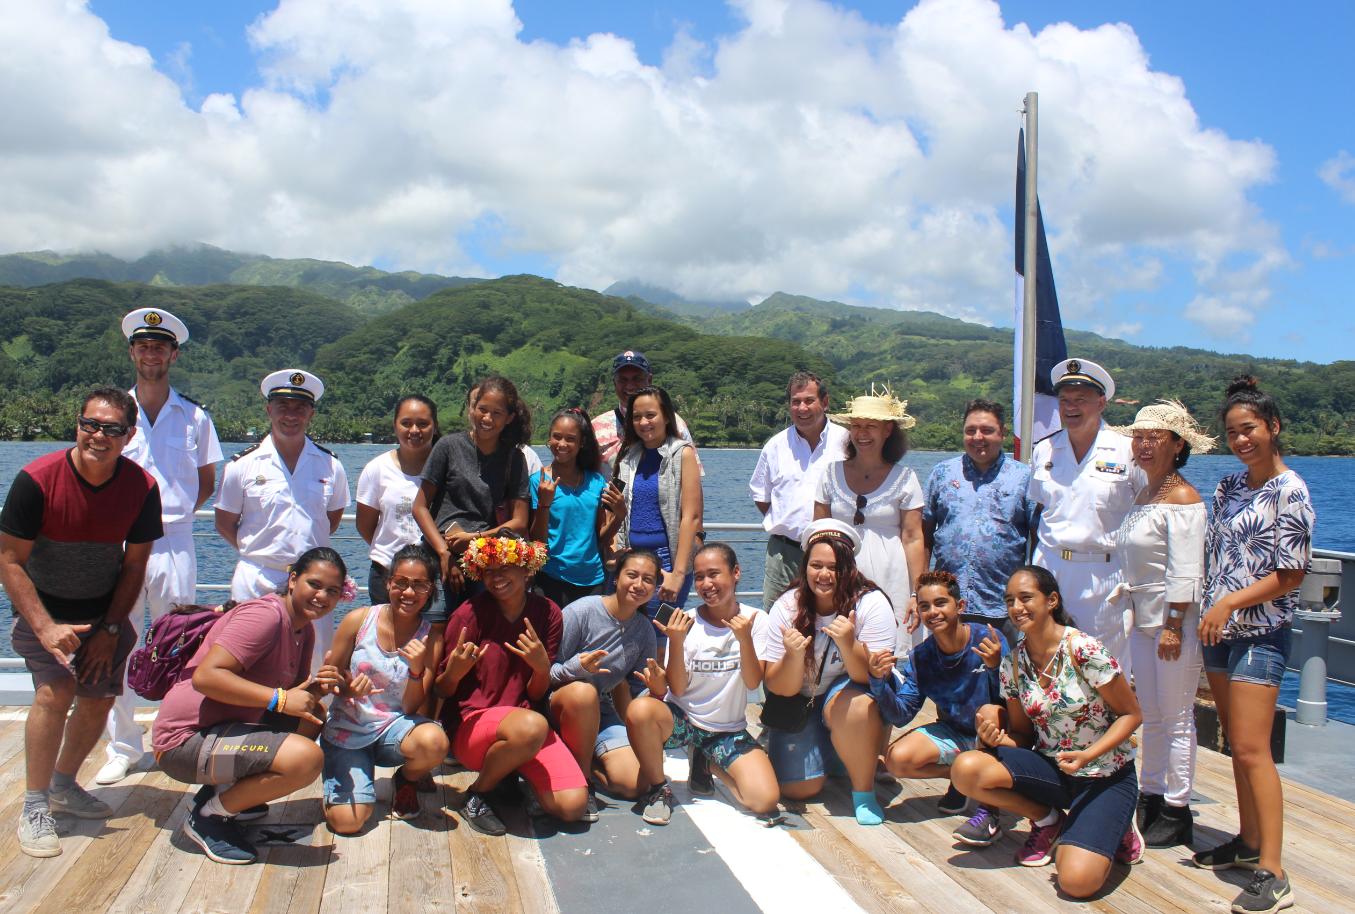 Une petite vingtaine d'élèves de 3e du collège sont montés à bord du bateau ancré dans la mythique baie de Hitiaa à la découverte de la Marine nationale.